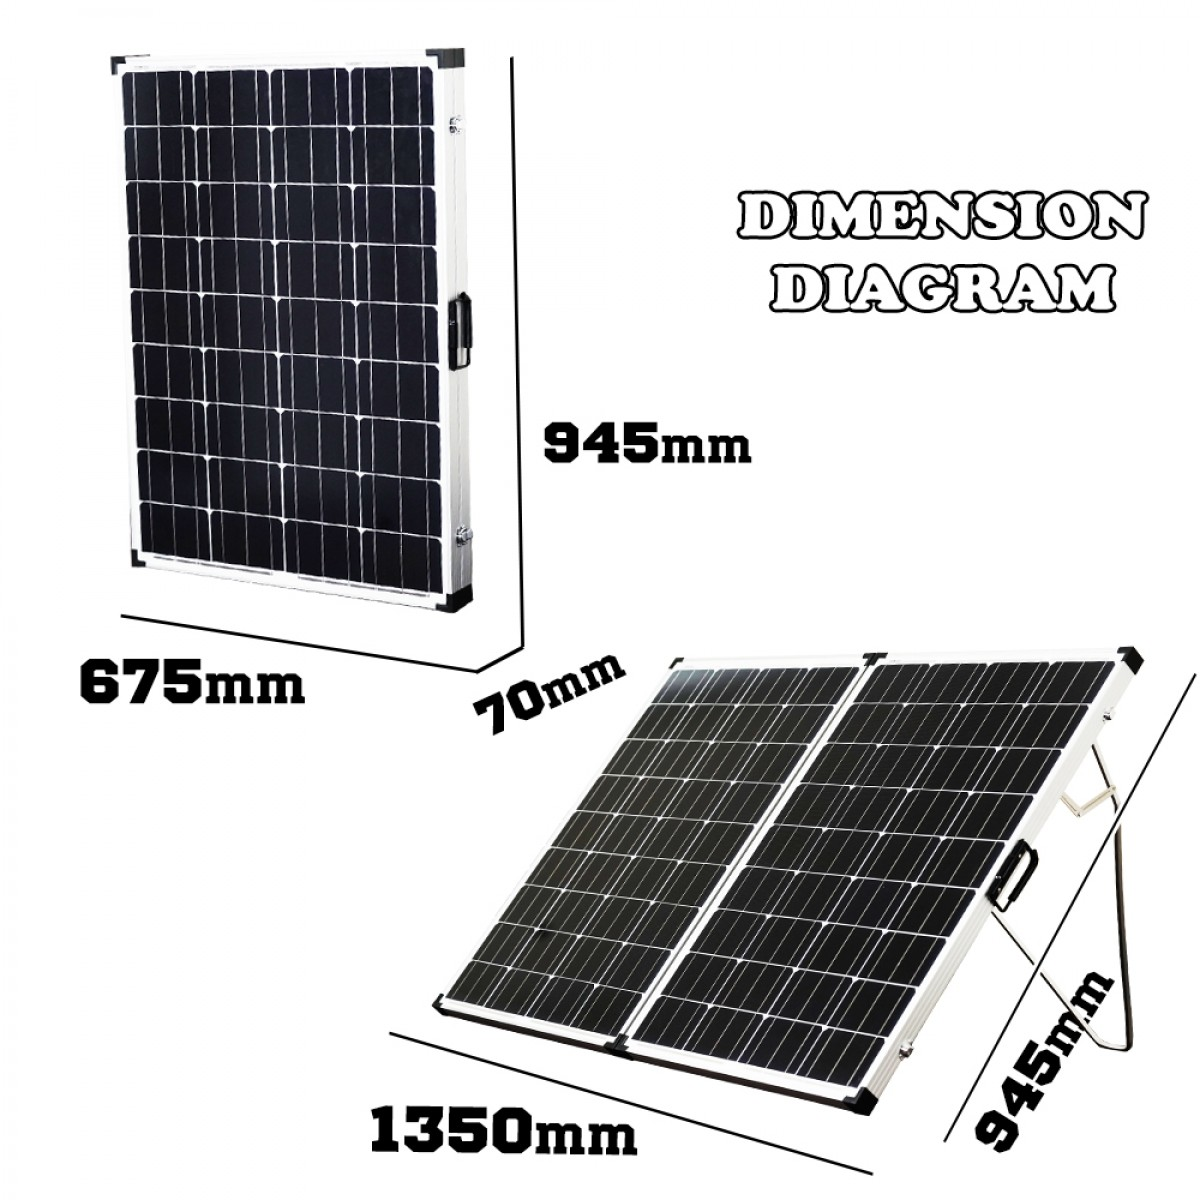 12V 250W Folding Solar Panel Kit Caravan Boat Camping